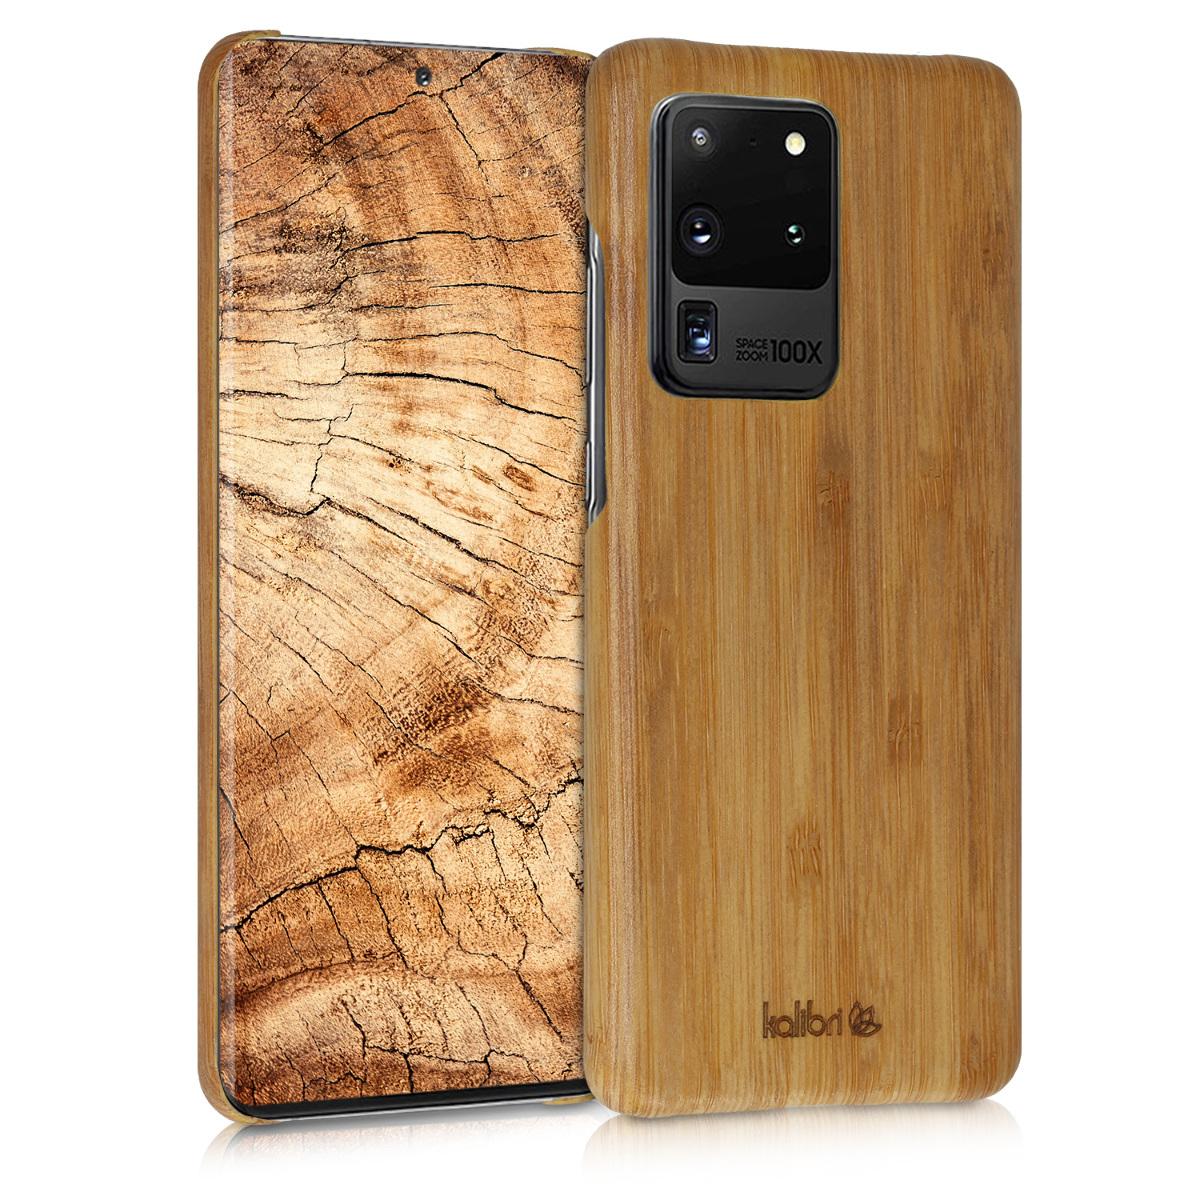 Kalibri Σκληρή Ξύλινη Θήκη Samsung Galaxy S20 Ultra - Light Brown (51230.24)